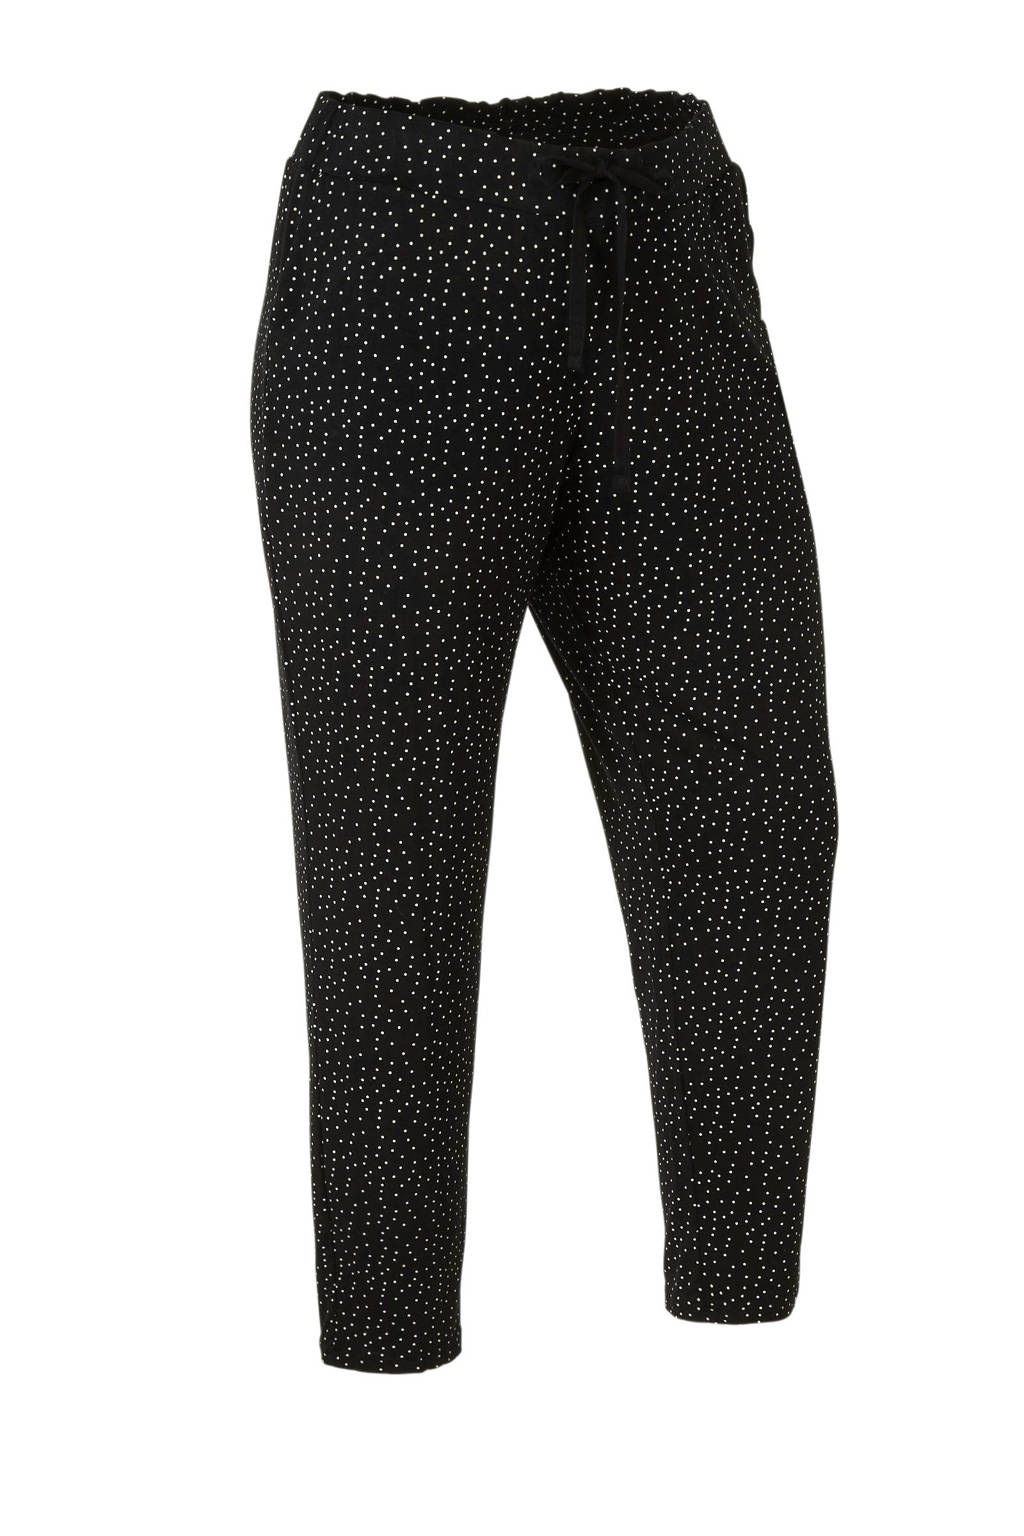 C&A XL Yessica palazzo broek met stippen zwart/wit, Zwart/wit